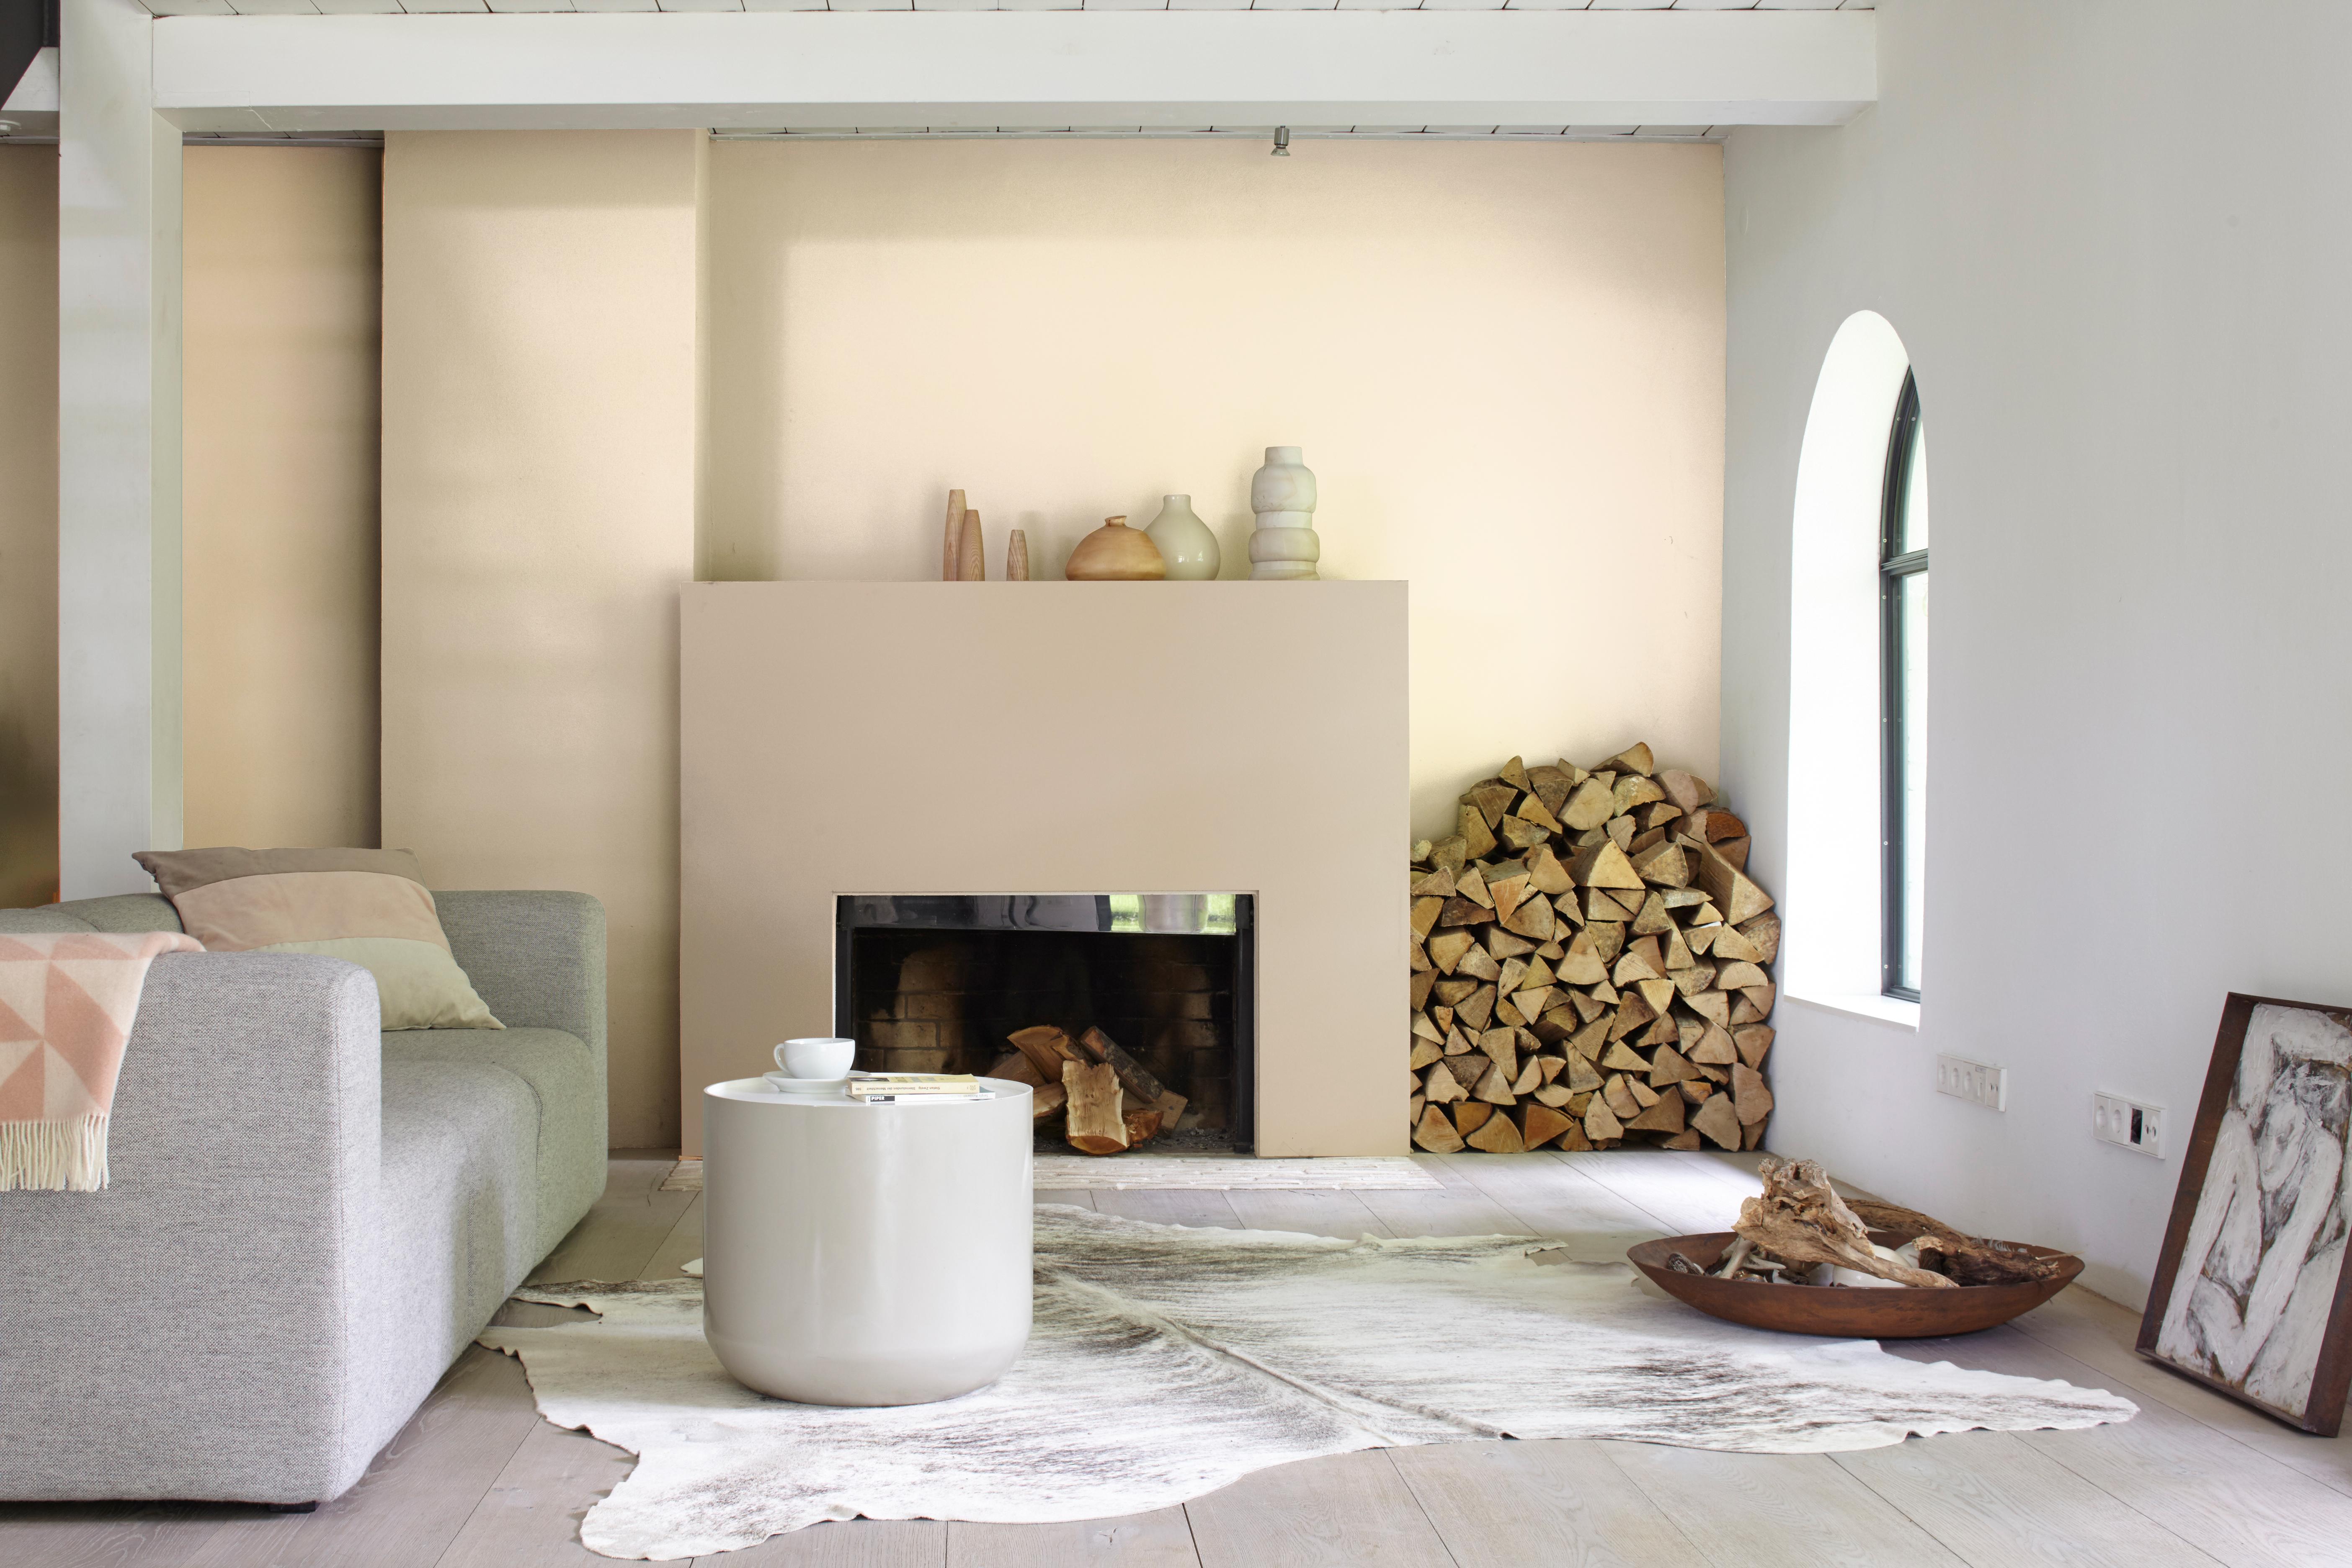 Wohnzimmer farblich gestalten türkis  Welche passt in welches Zimmer? Alpina Fabe & Einrichten